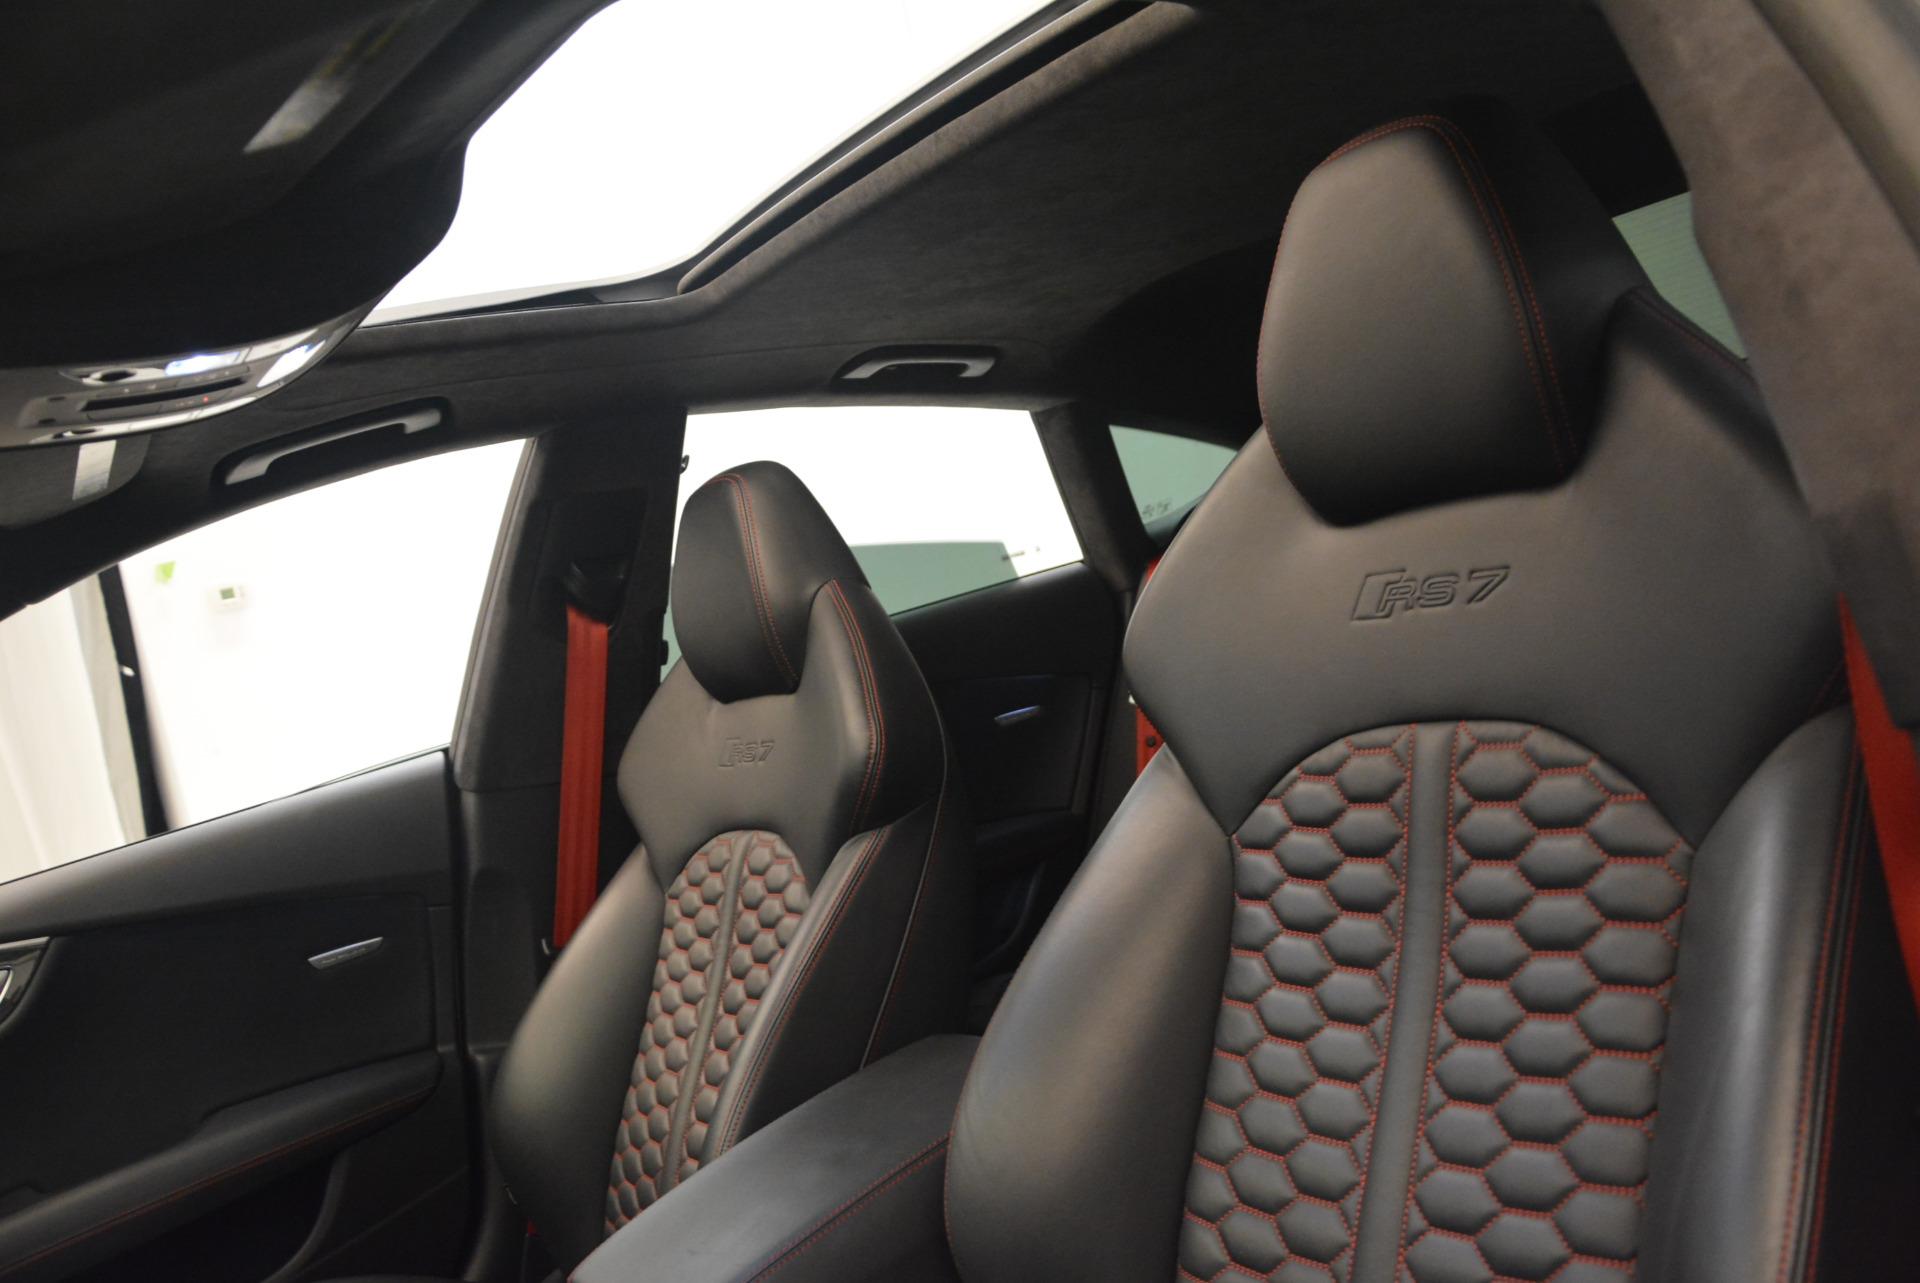 Used 2014 Audi RS 7 4.0T quattro Prestige For Sale In Greenwich, CT 1262_p23